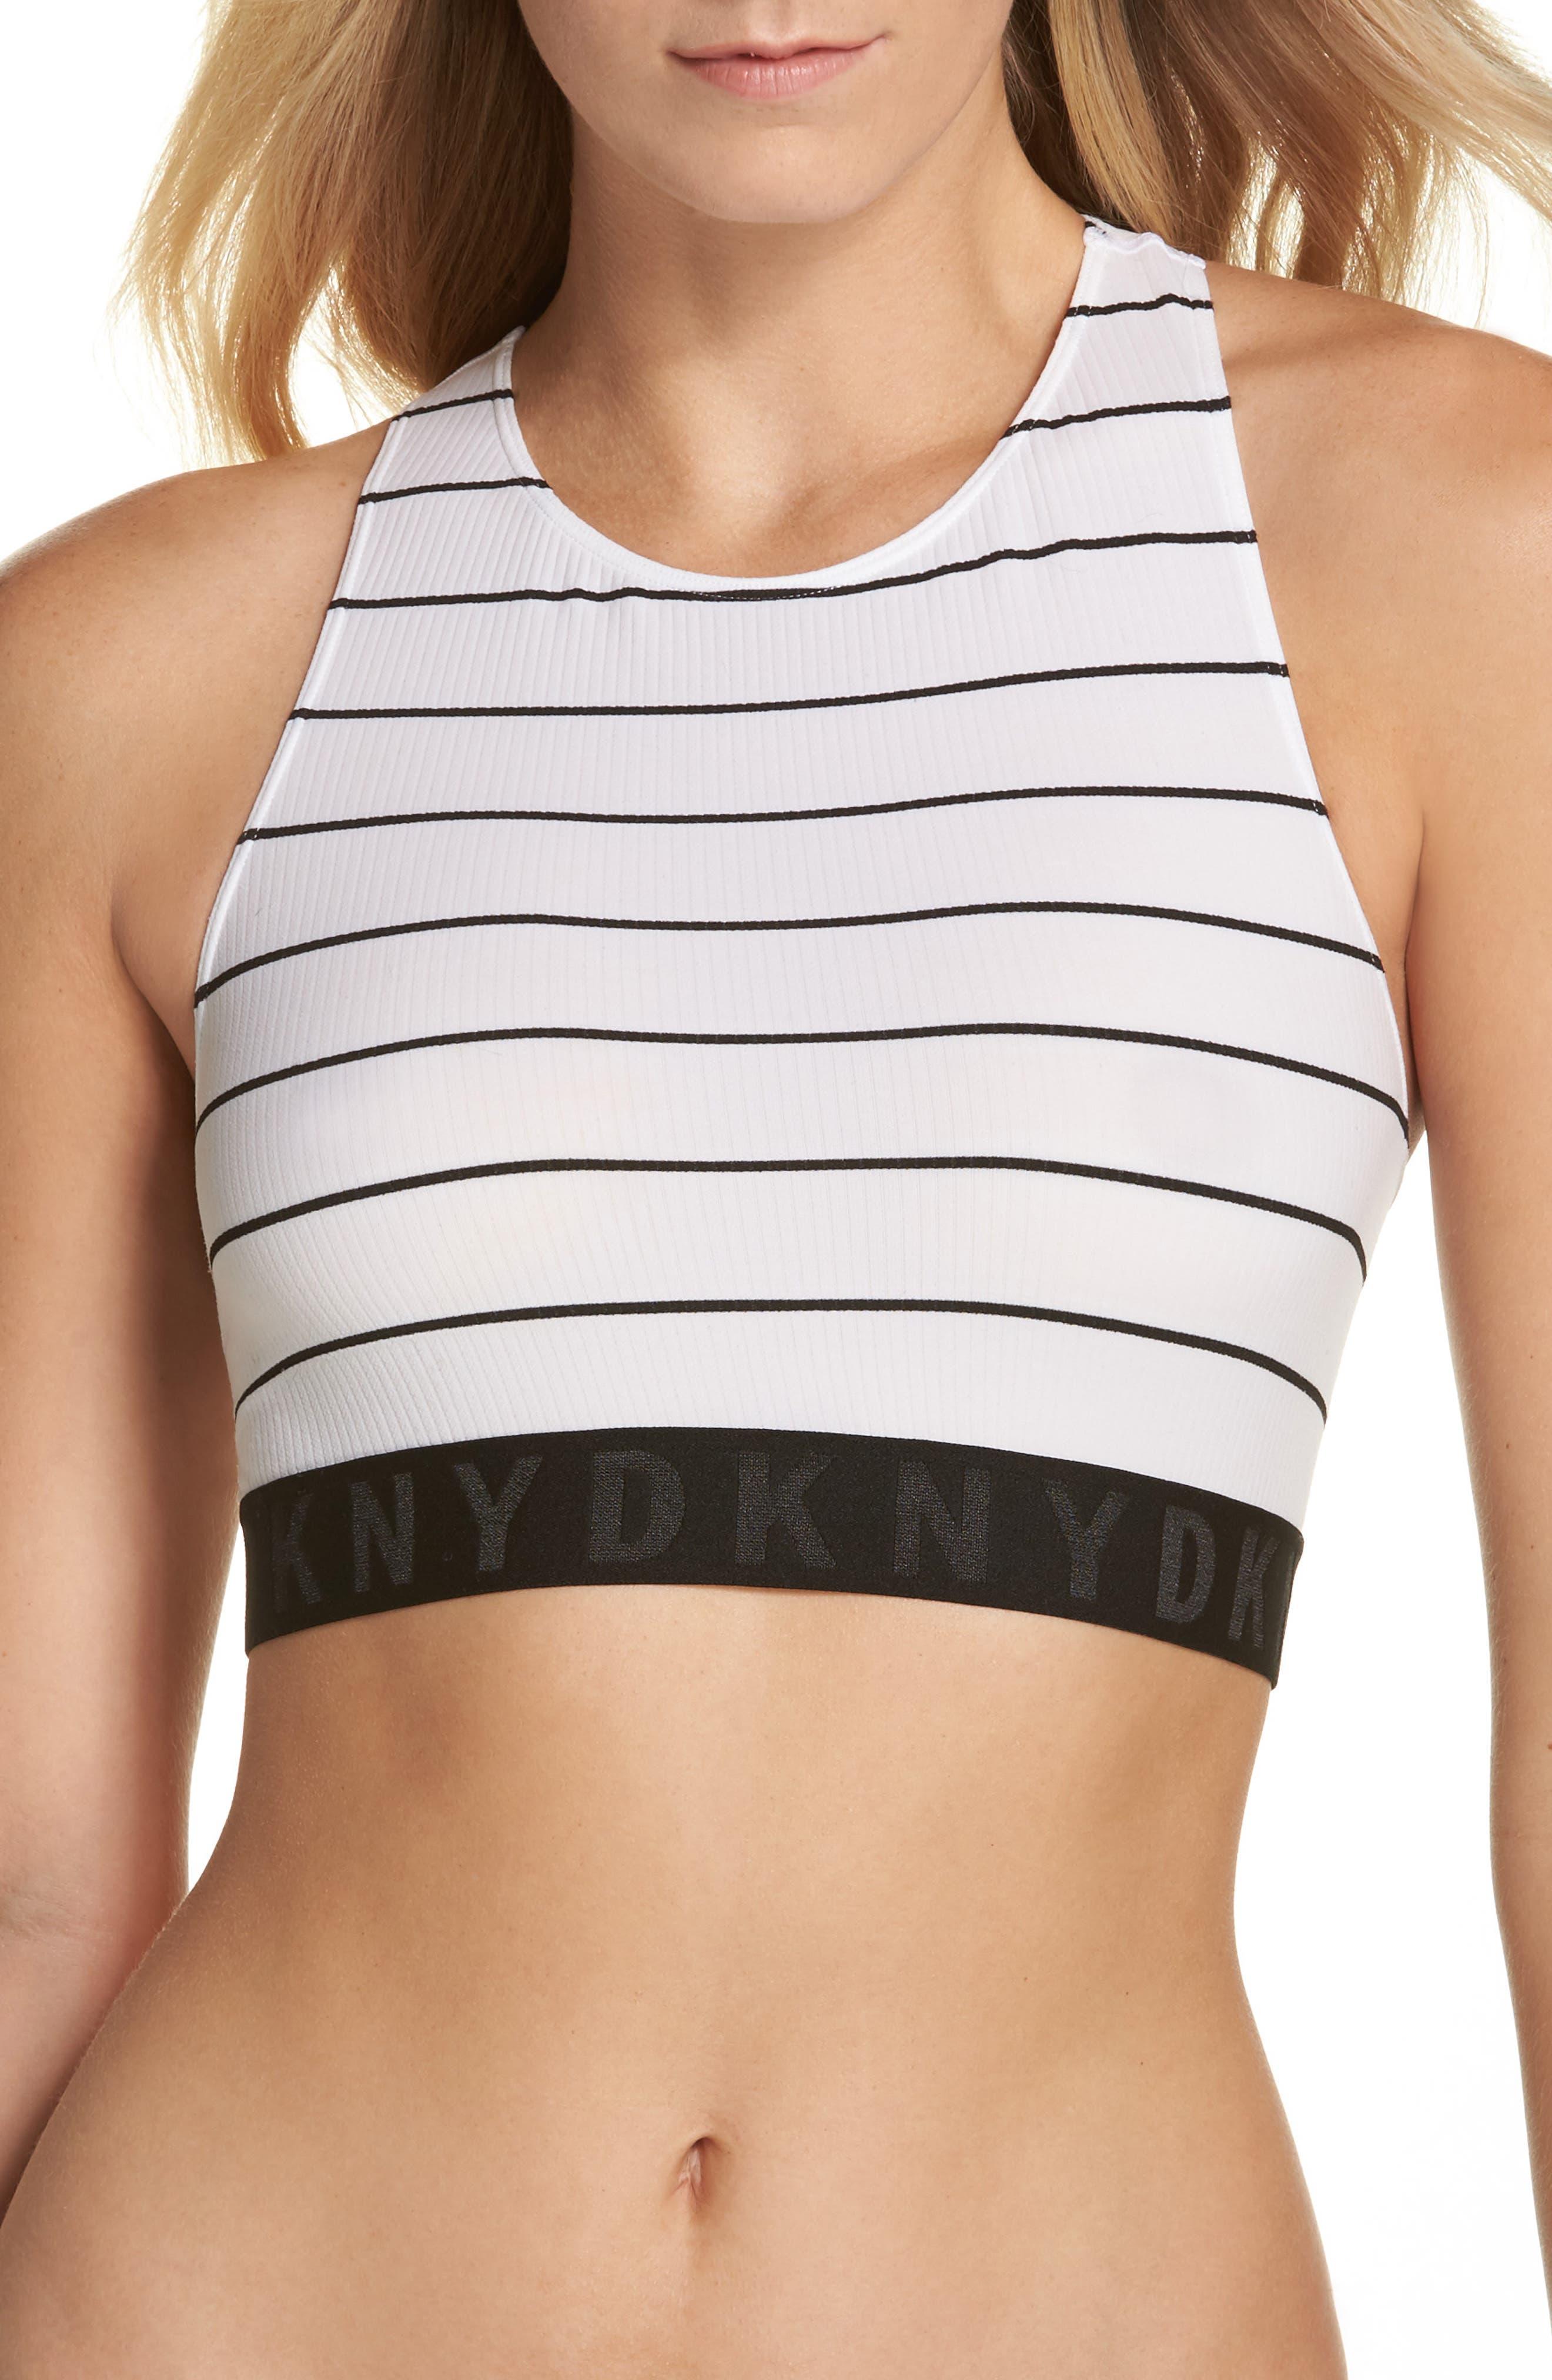 LiteWear Seamless Bralette,                         Main,                         color, Poplin Stripe/Black